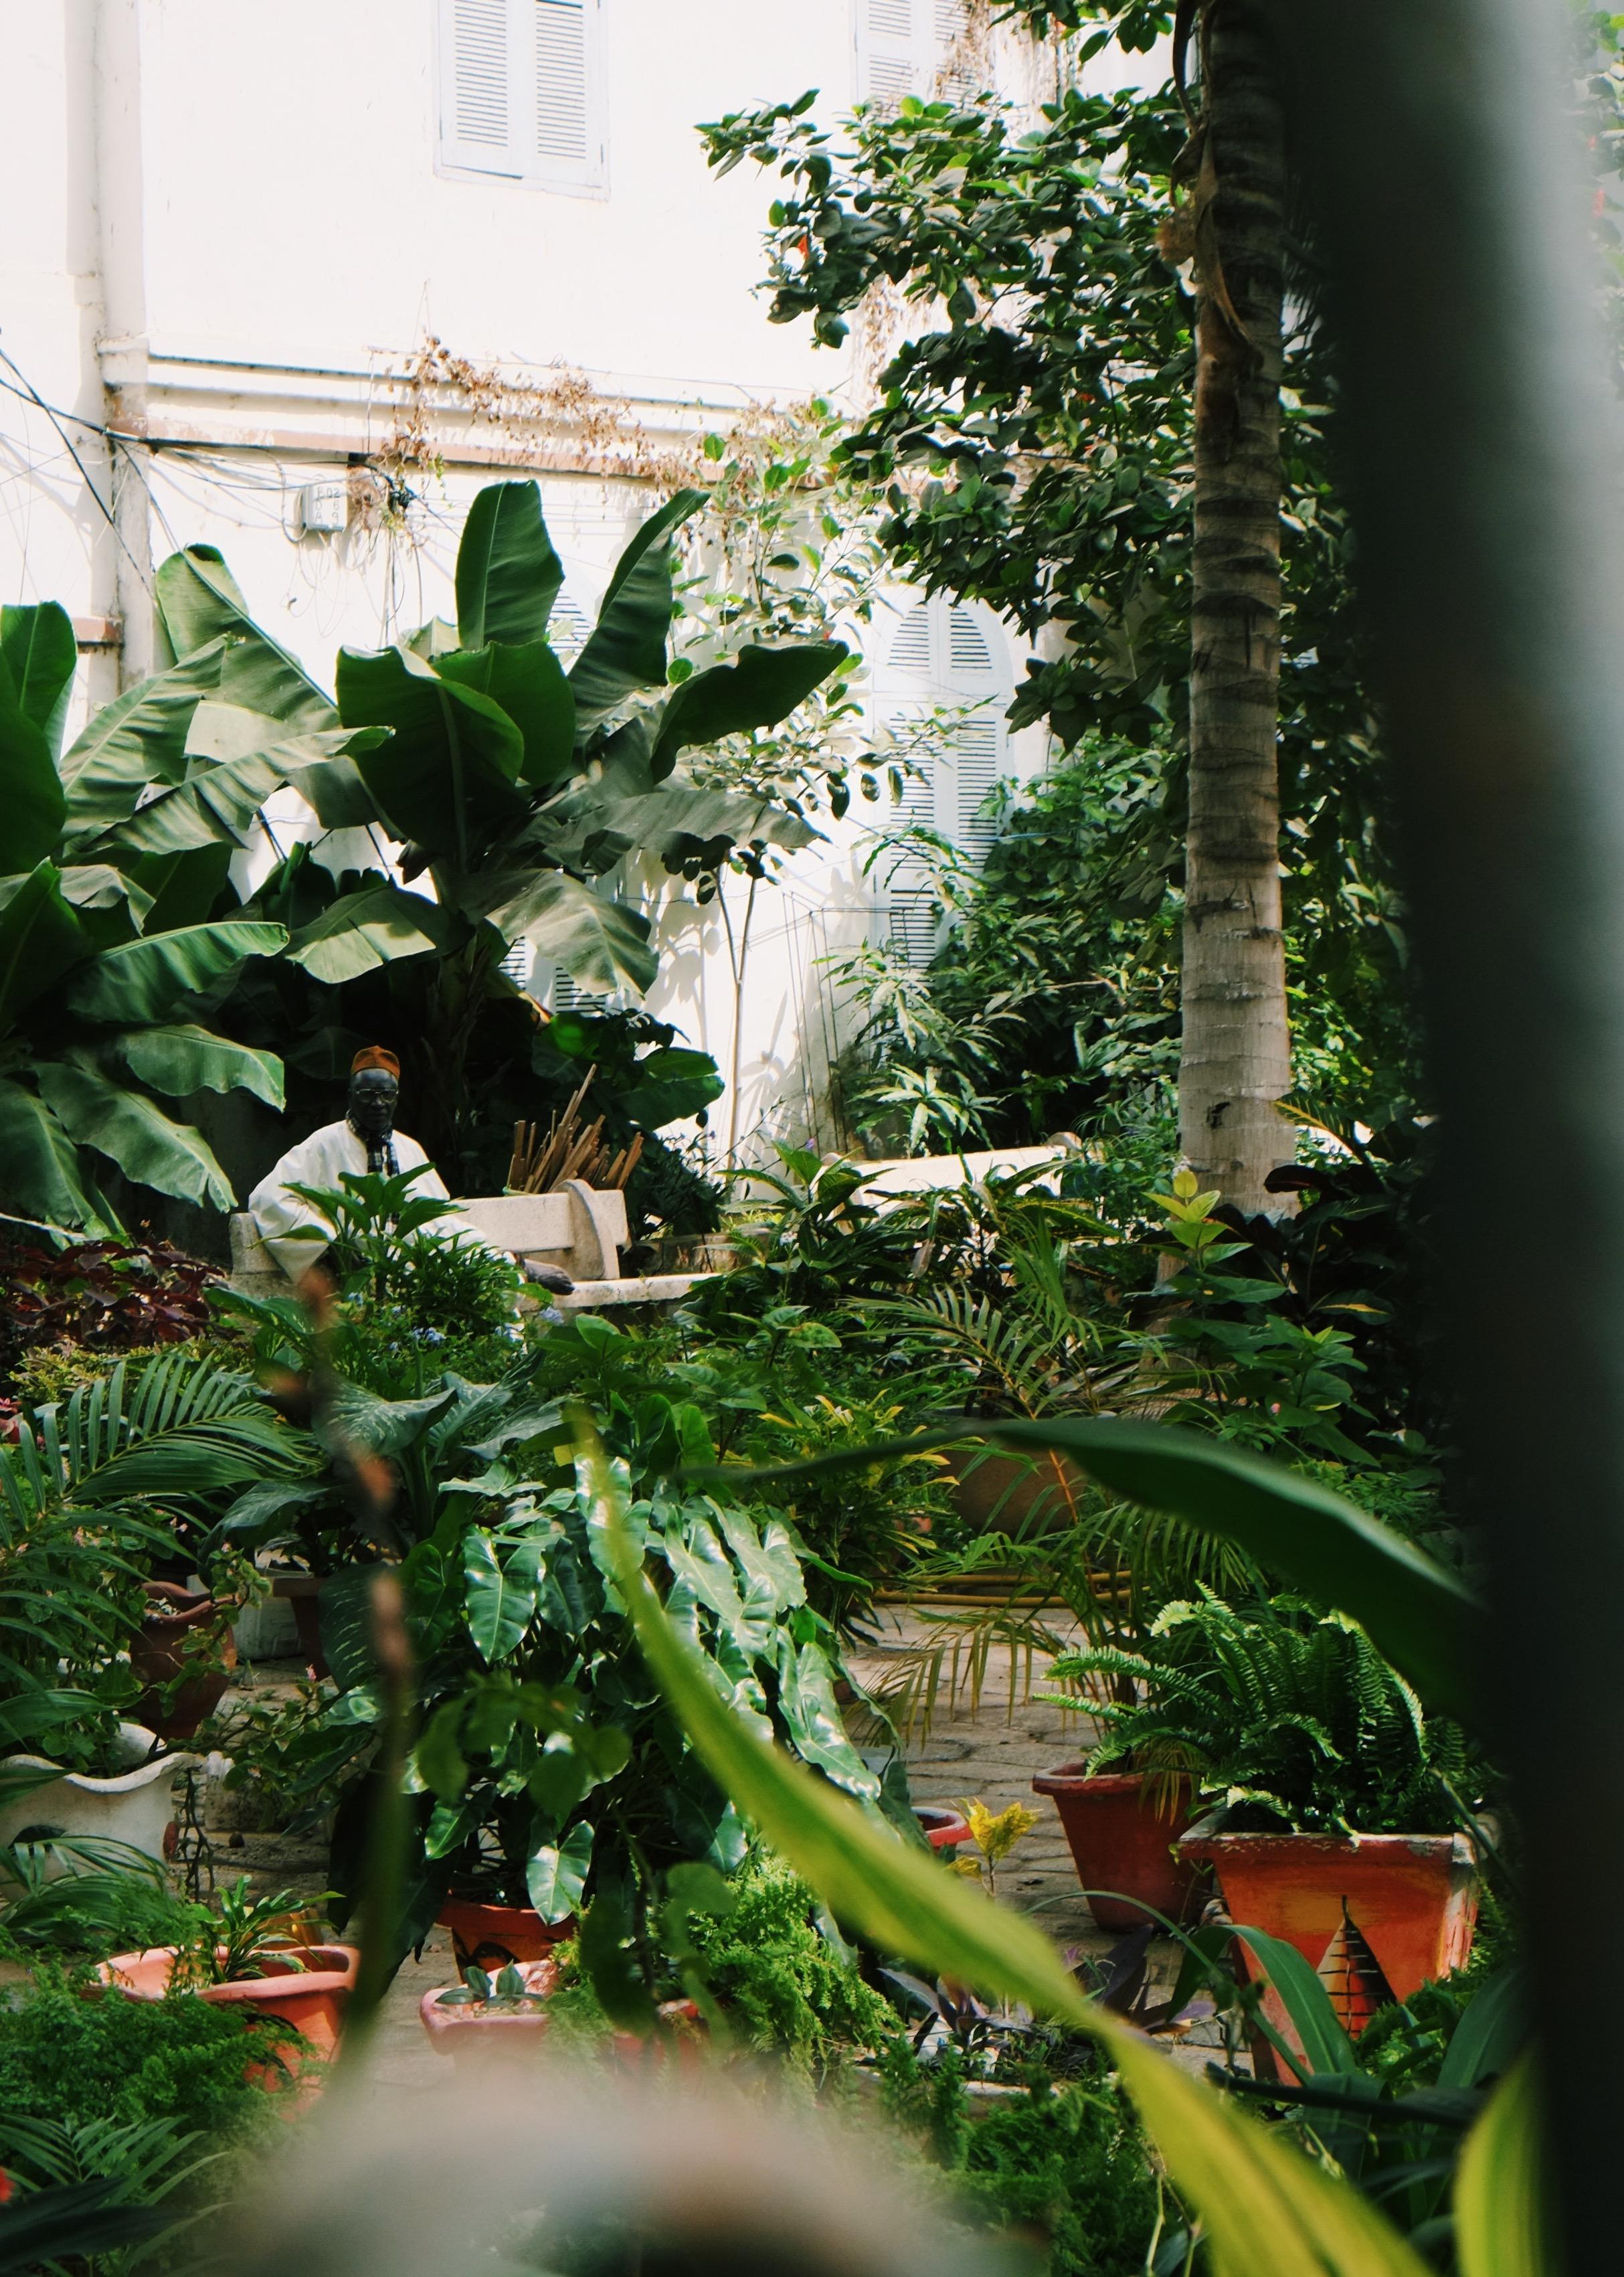 Saint-Louis garden in Senegal by Joost Bastmeijer.jpeg